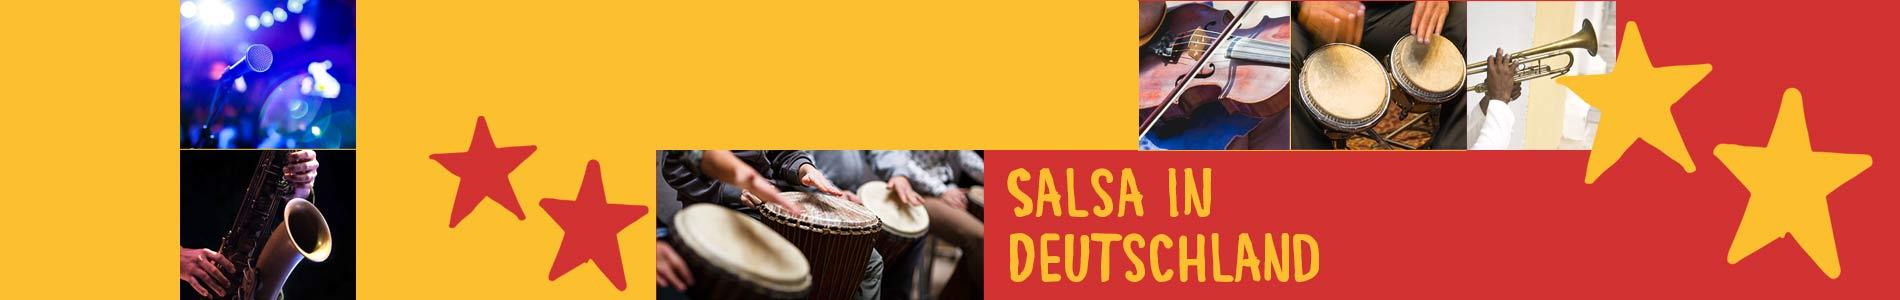 Salsa in Derschen – Salsa lernen und tanzen, Tanzkurse, Partys, Veranstaltungen